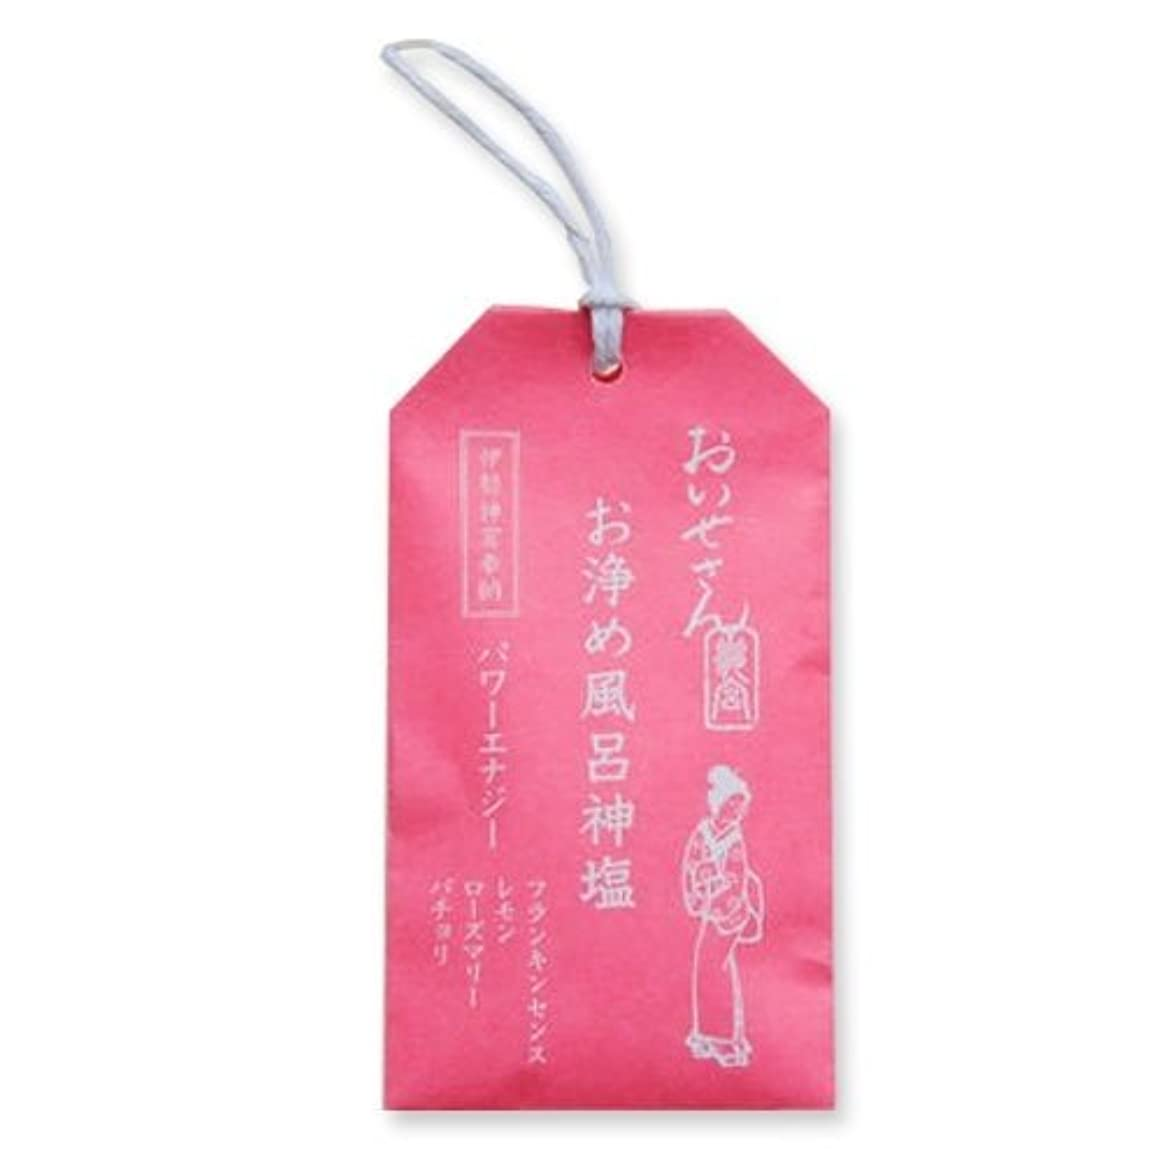 軍団独創的掃くおいせさん お浄め風呂神塩 バス用ソルト(パワーエナジー) 20g